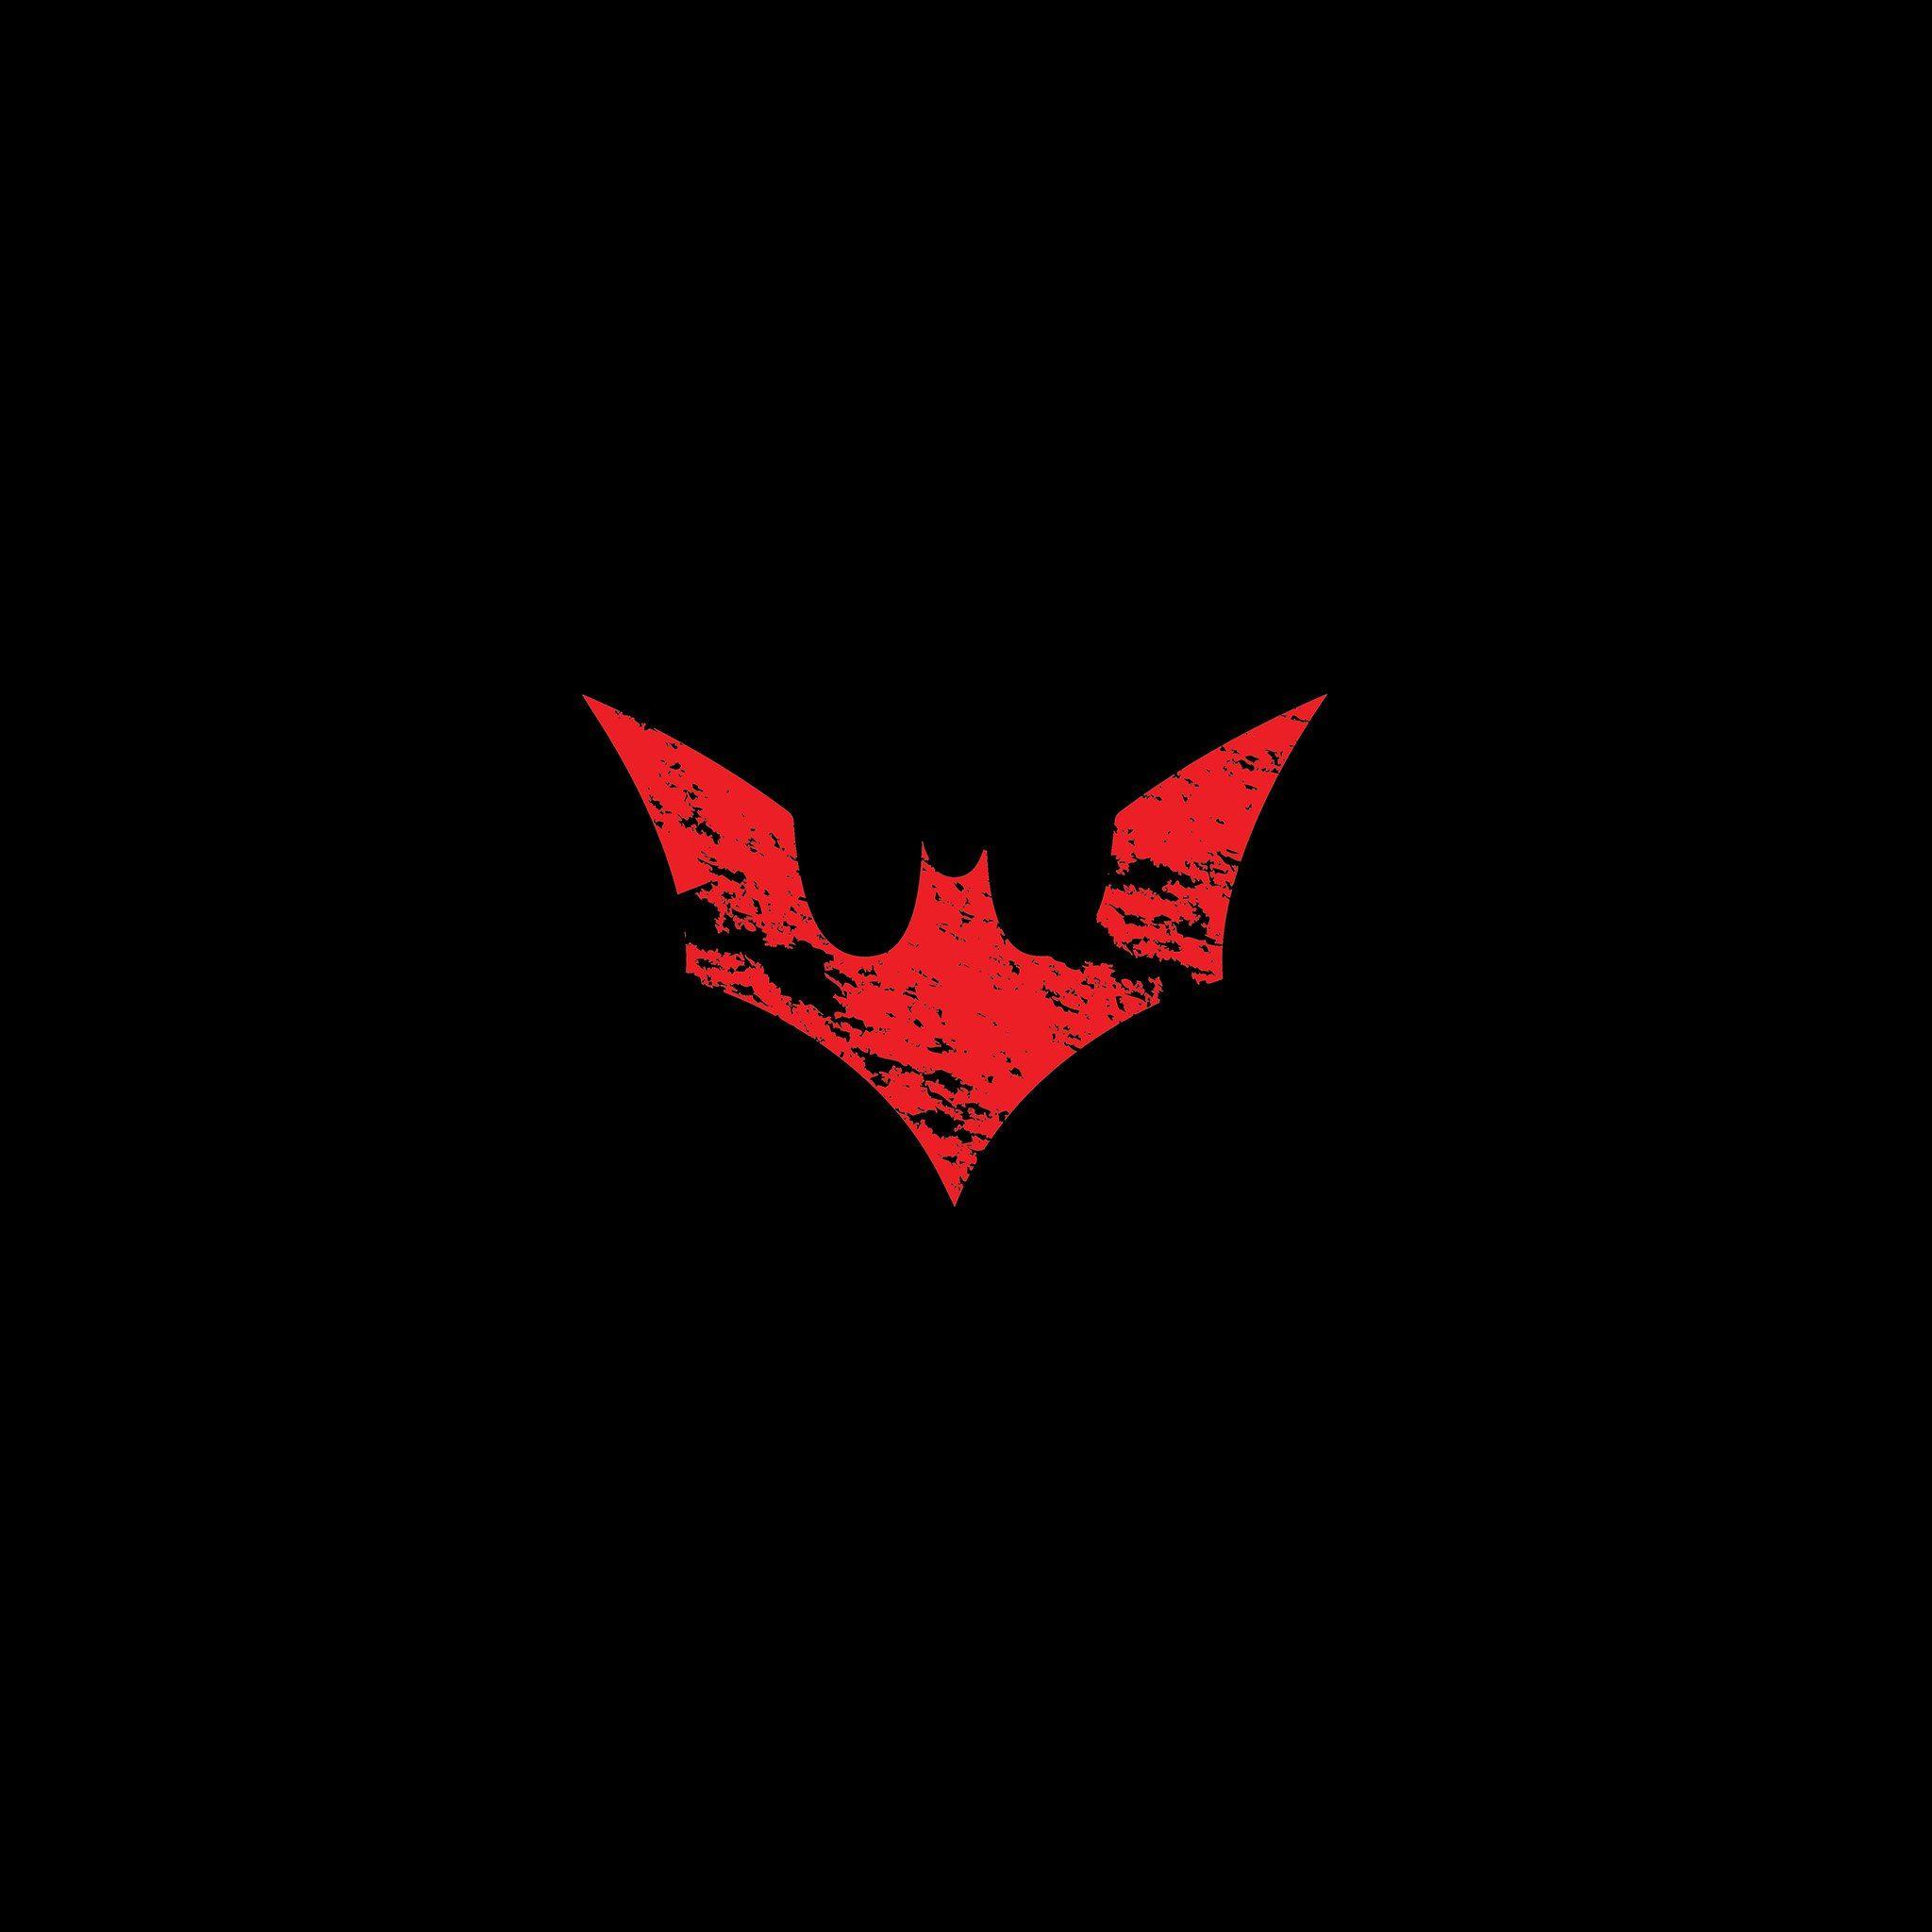 Wallpaper Iphone Superhero: Batman Logo Red Dark Hero Art IPad Air Wallpaper Download